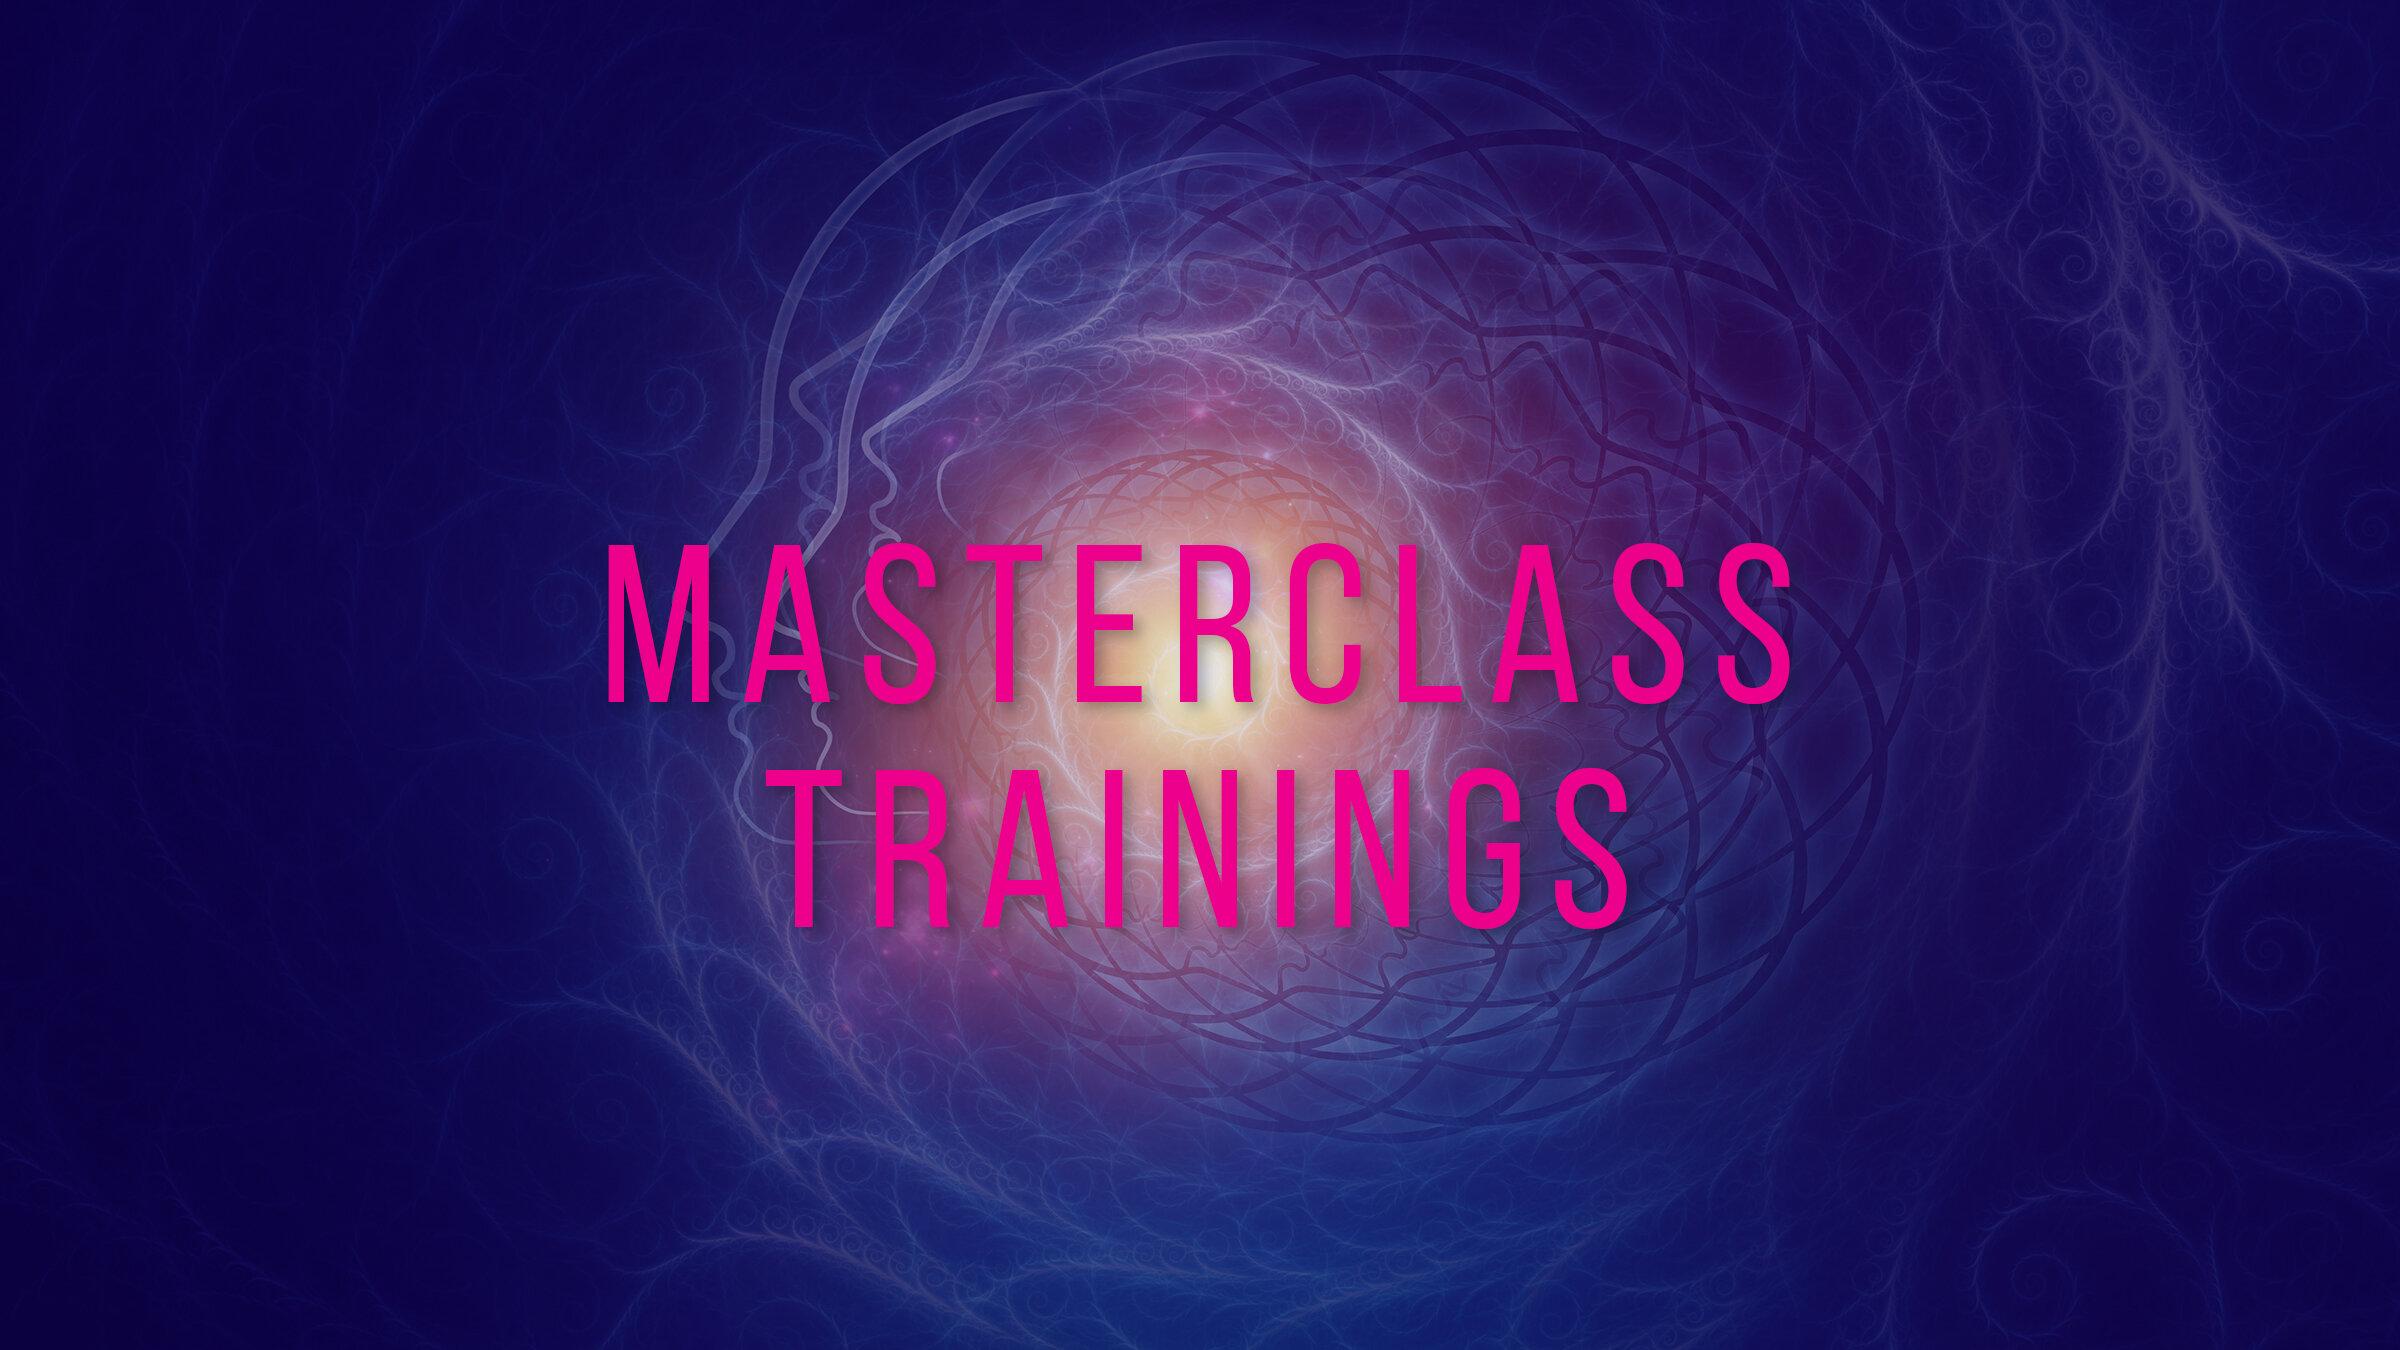 MasterclassTrainings.jpg